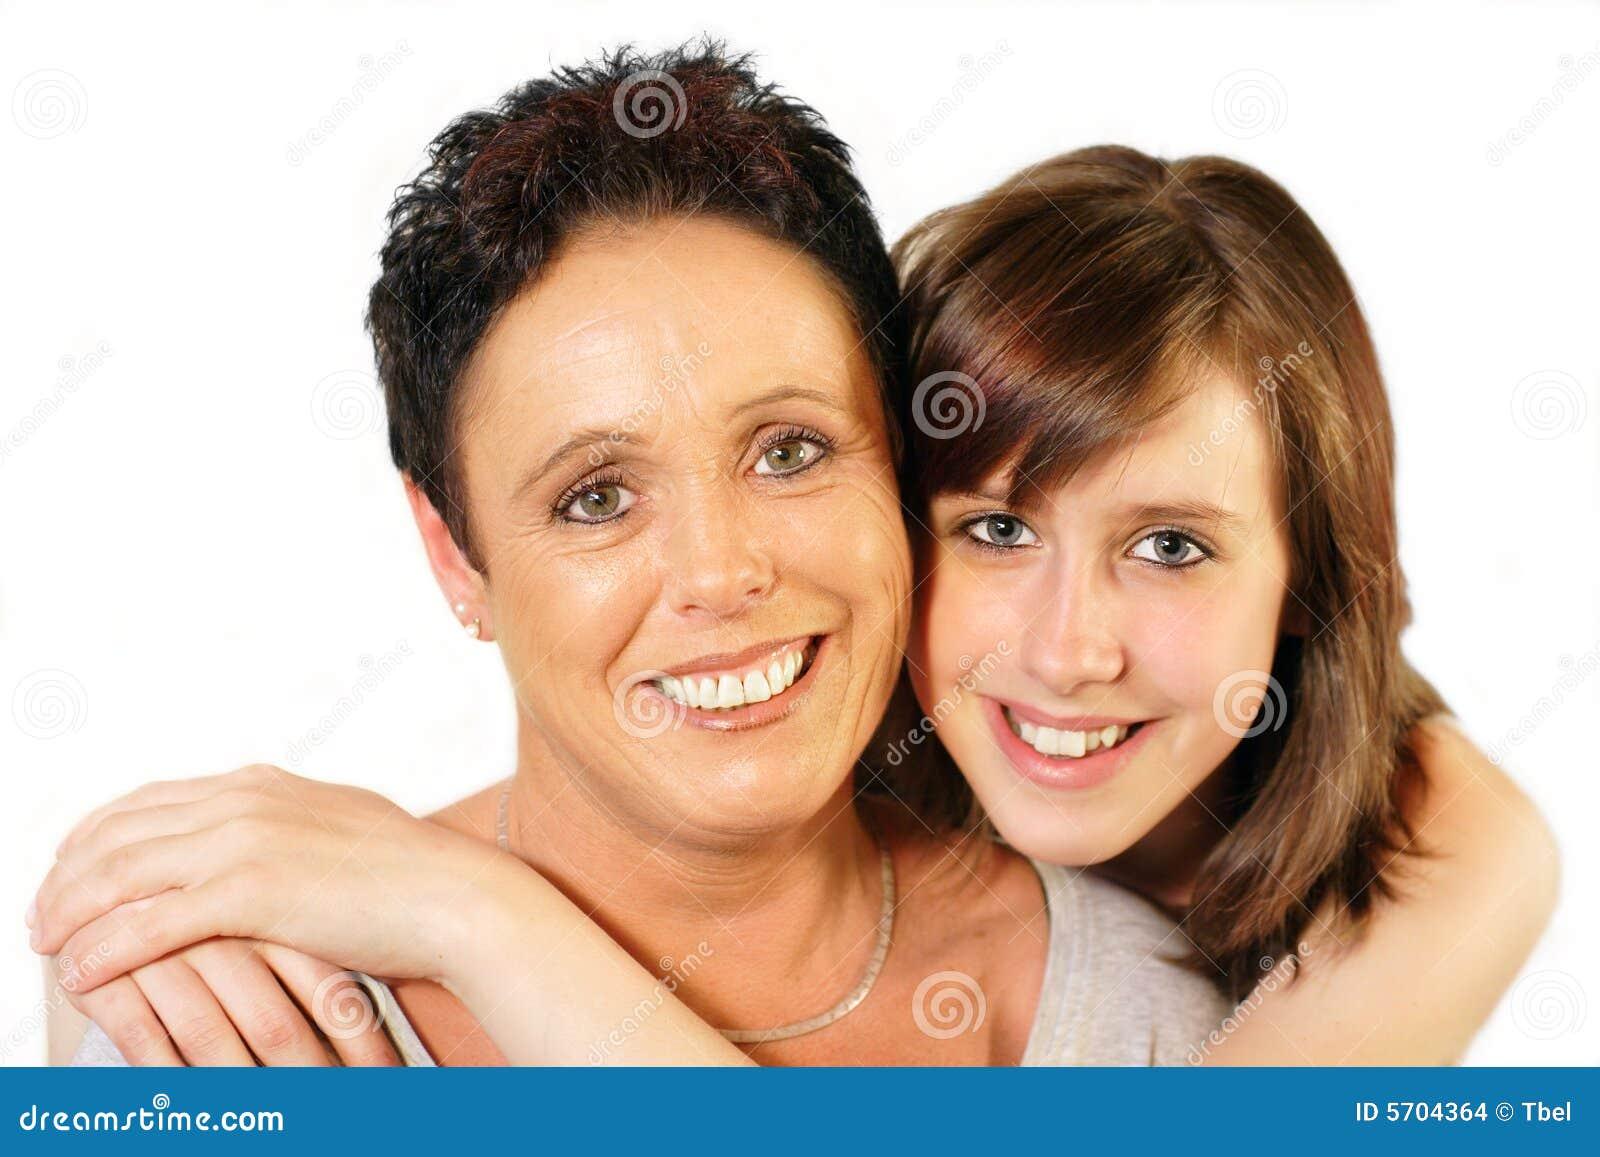 ... de la medio-edad abrazada de hija adolescente en el fondo blanco